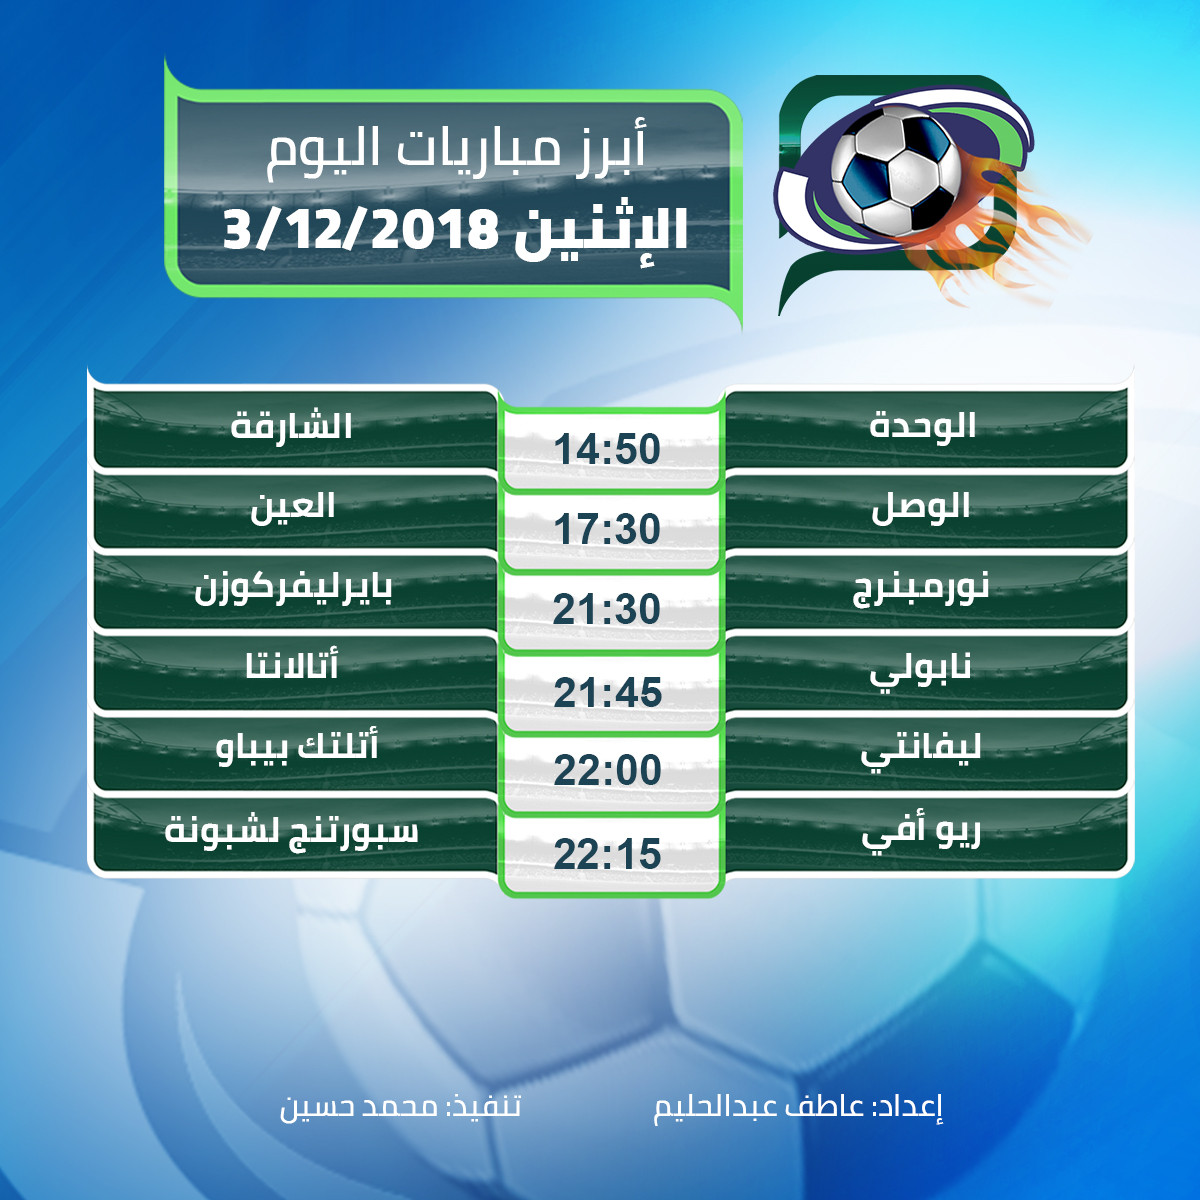 أبرز مباريات اليوم الاثنين 03/12/2018